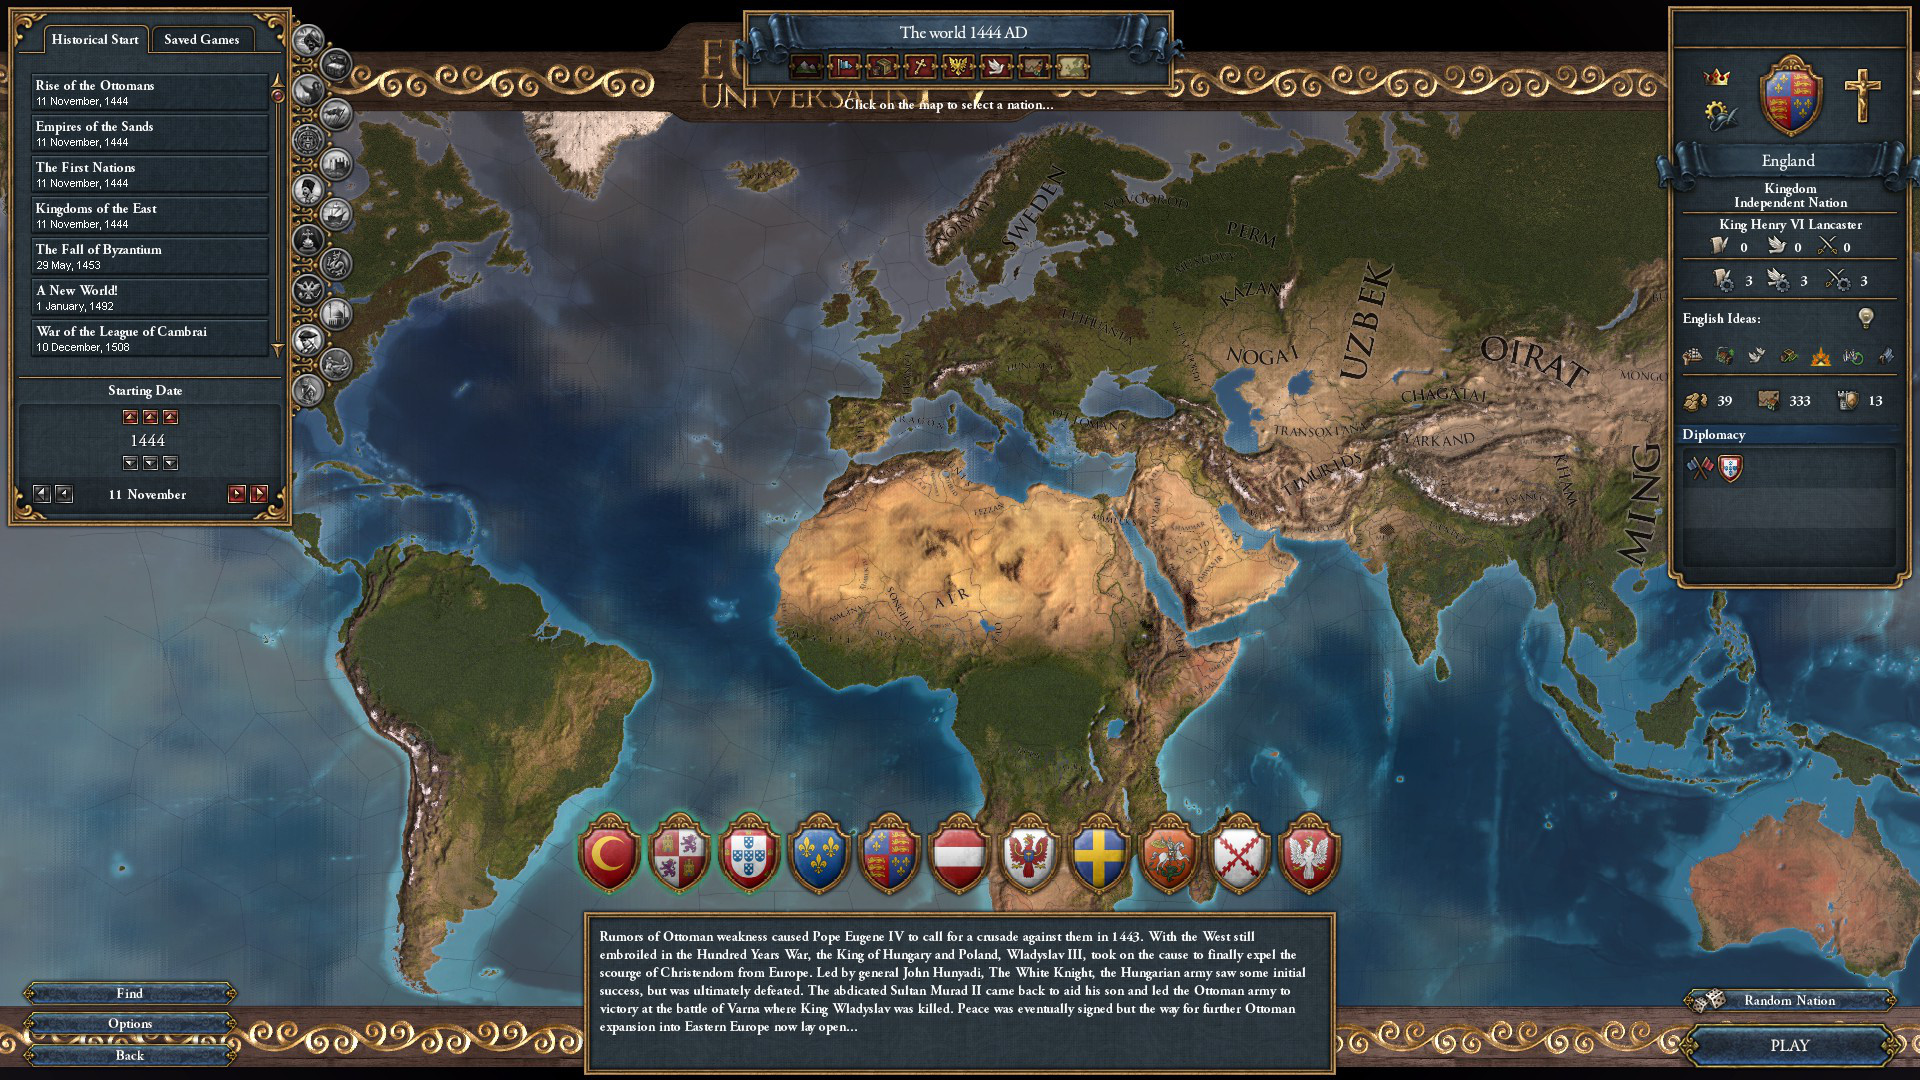 com.steam.236850-screenshot